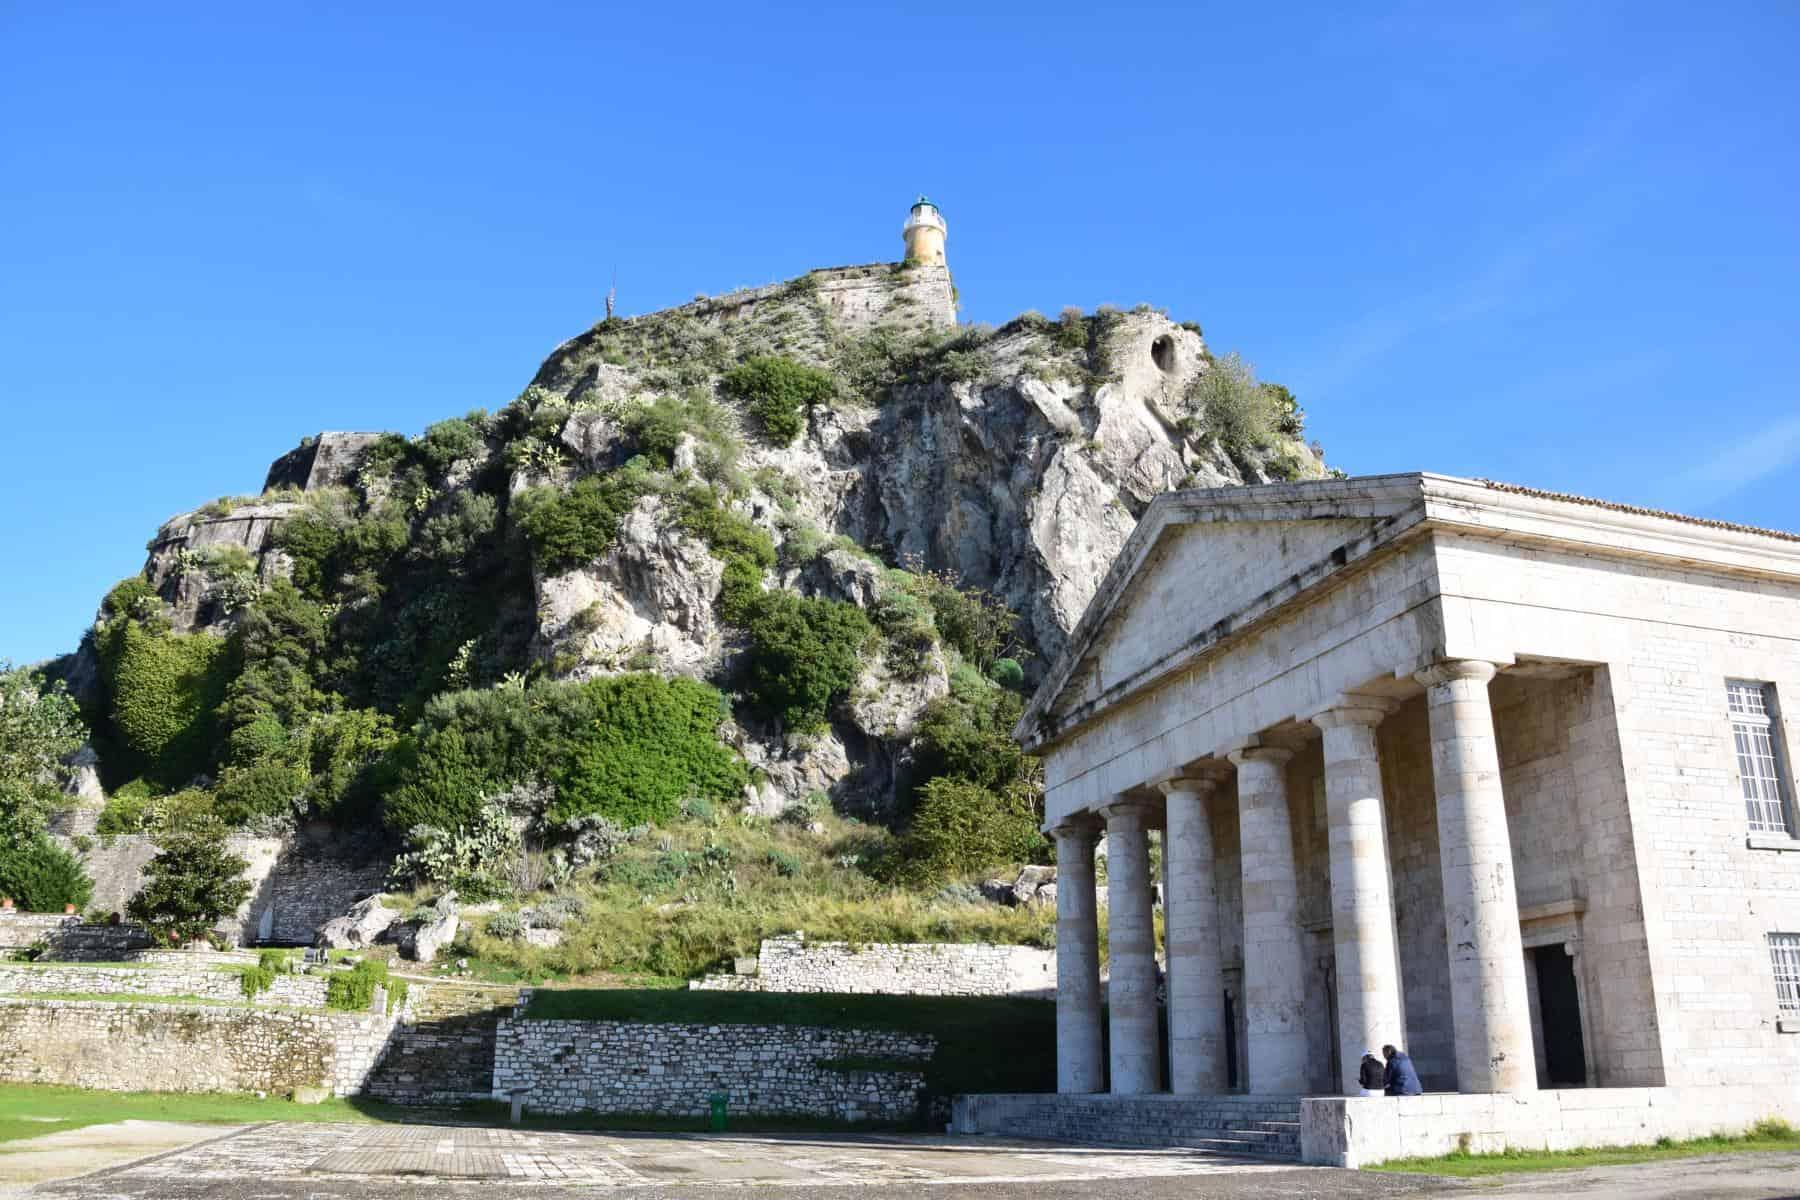 000 Kreuzfahrt oestliches Mittelmeer Alte venezianische Festung Korfu Stadt Griechenland